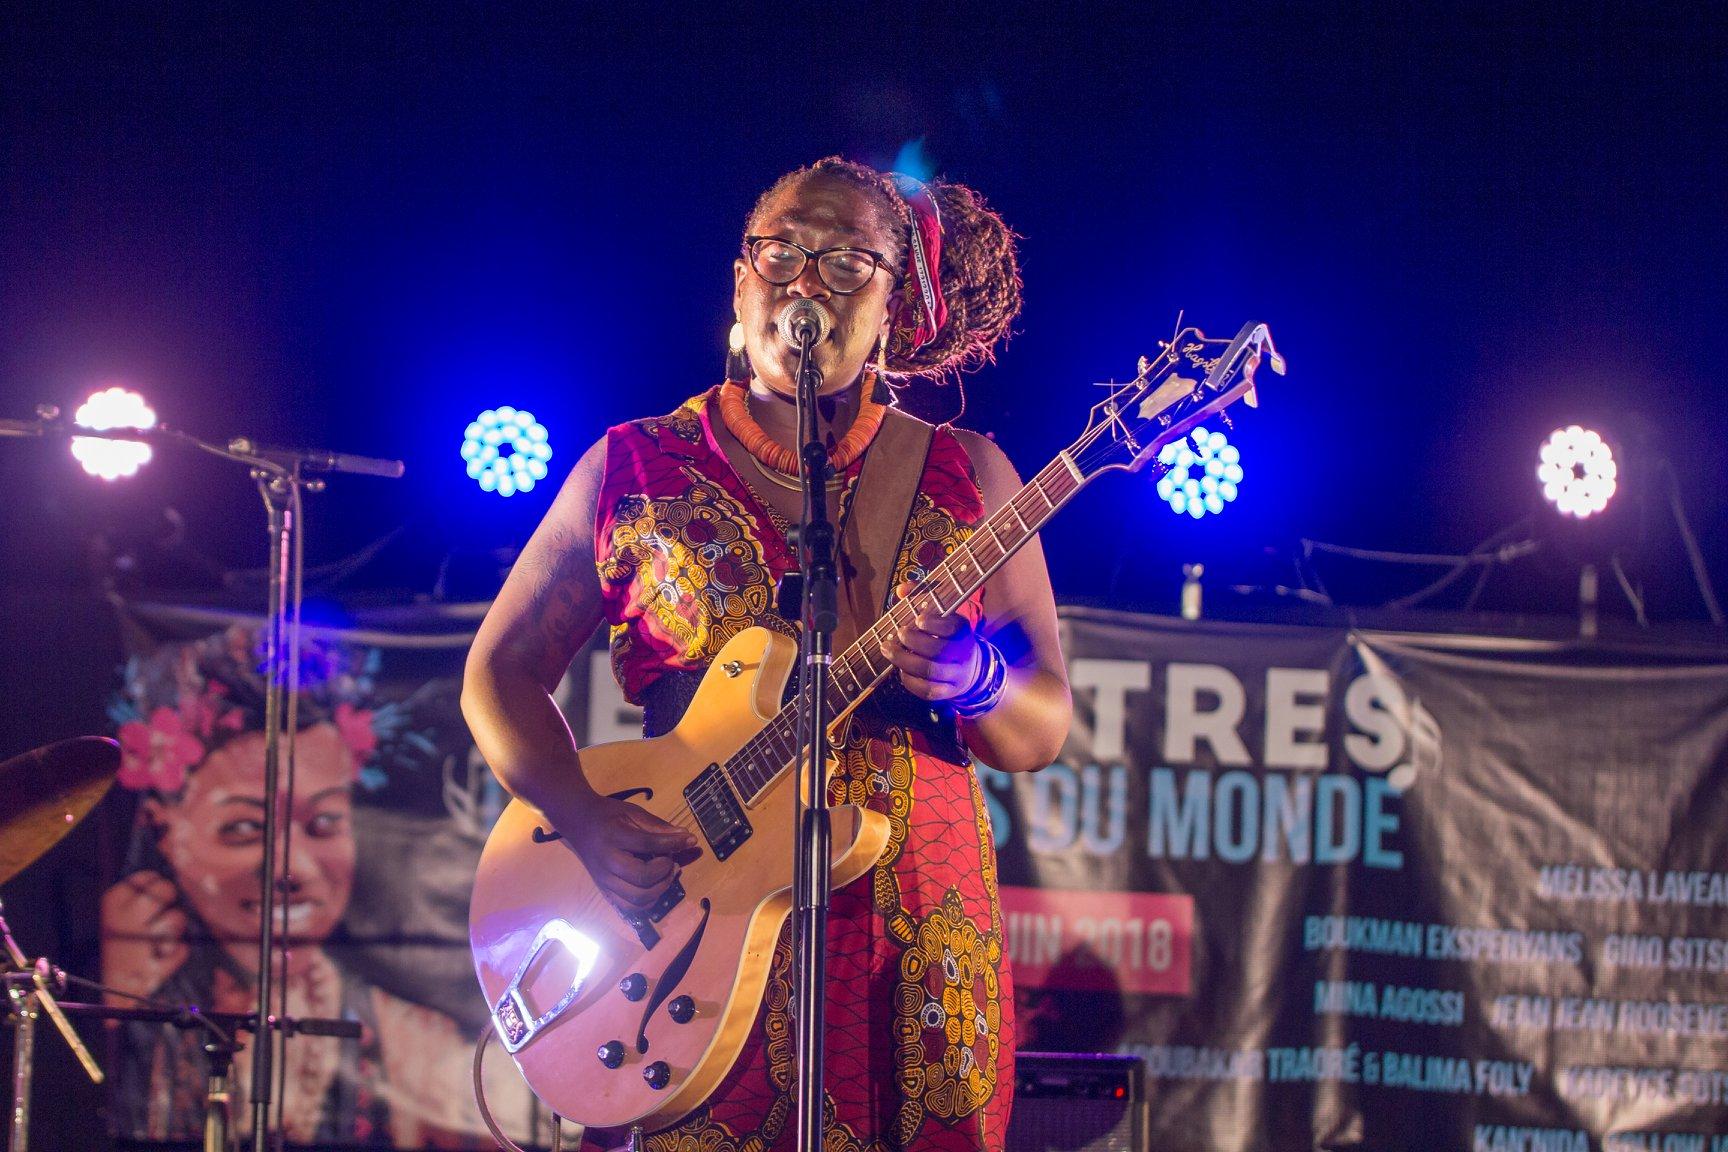 Melissa Laveaux, chanteuse canadienne originaire d'Haiti, sur la scène de l'Institut Français en juin 2018 dans le cadre de la 4e édition des Rencontres des musiques du monde./Photo: Celony Fabrice Therry.